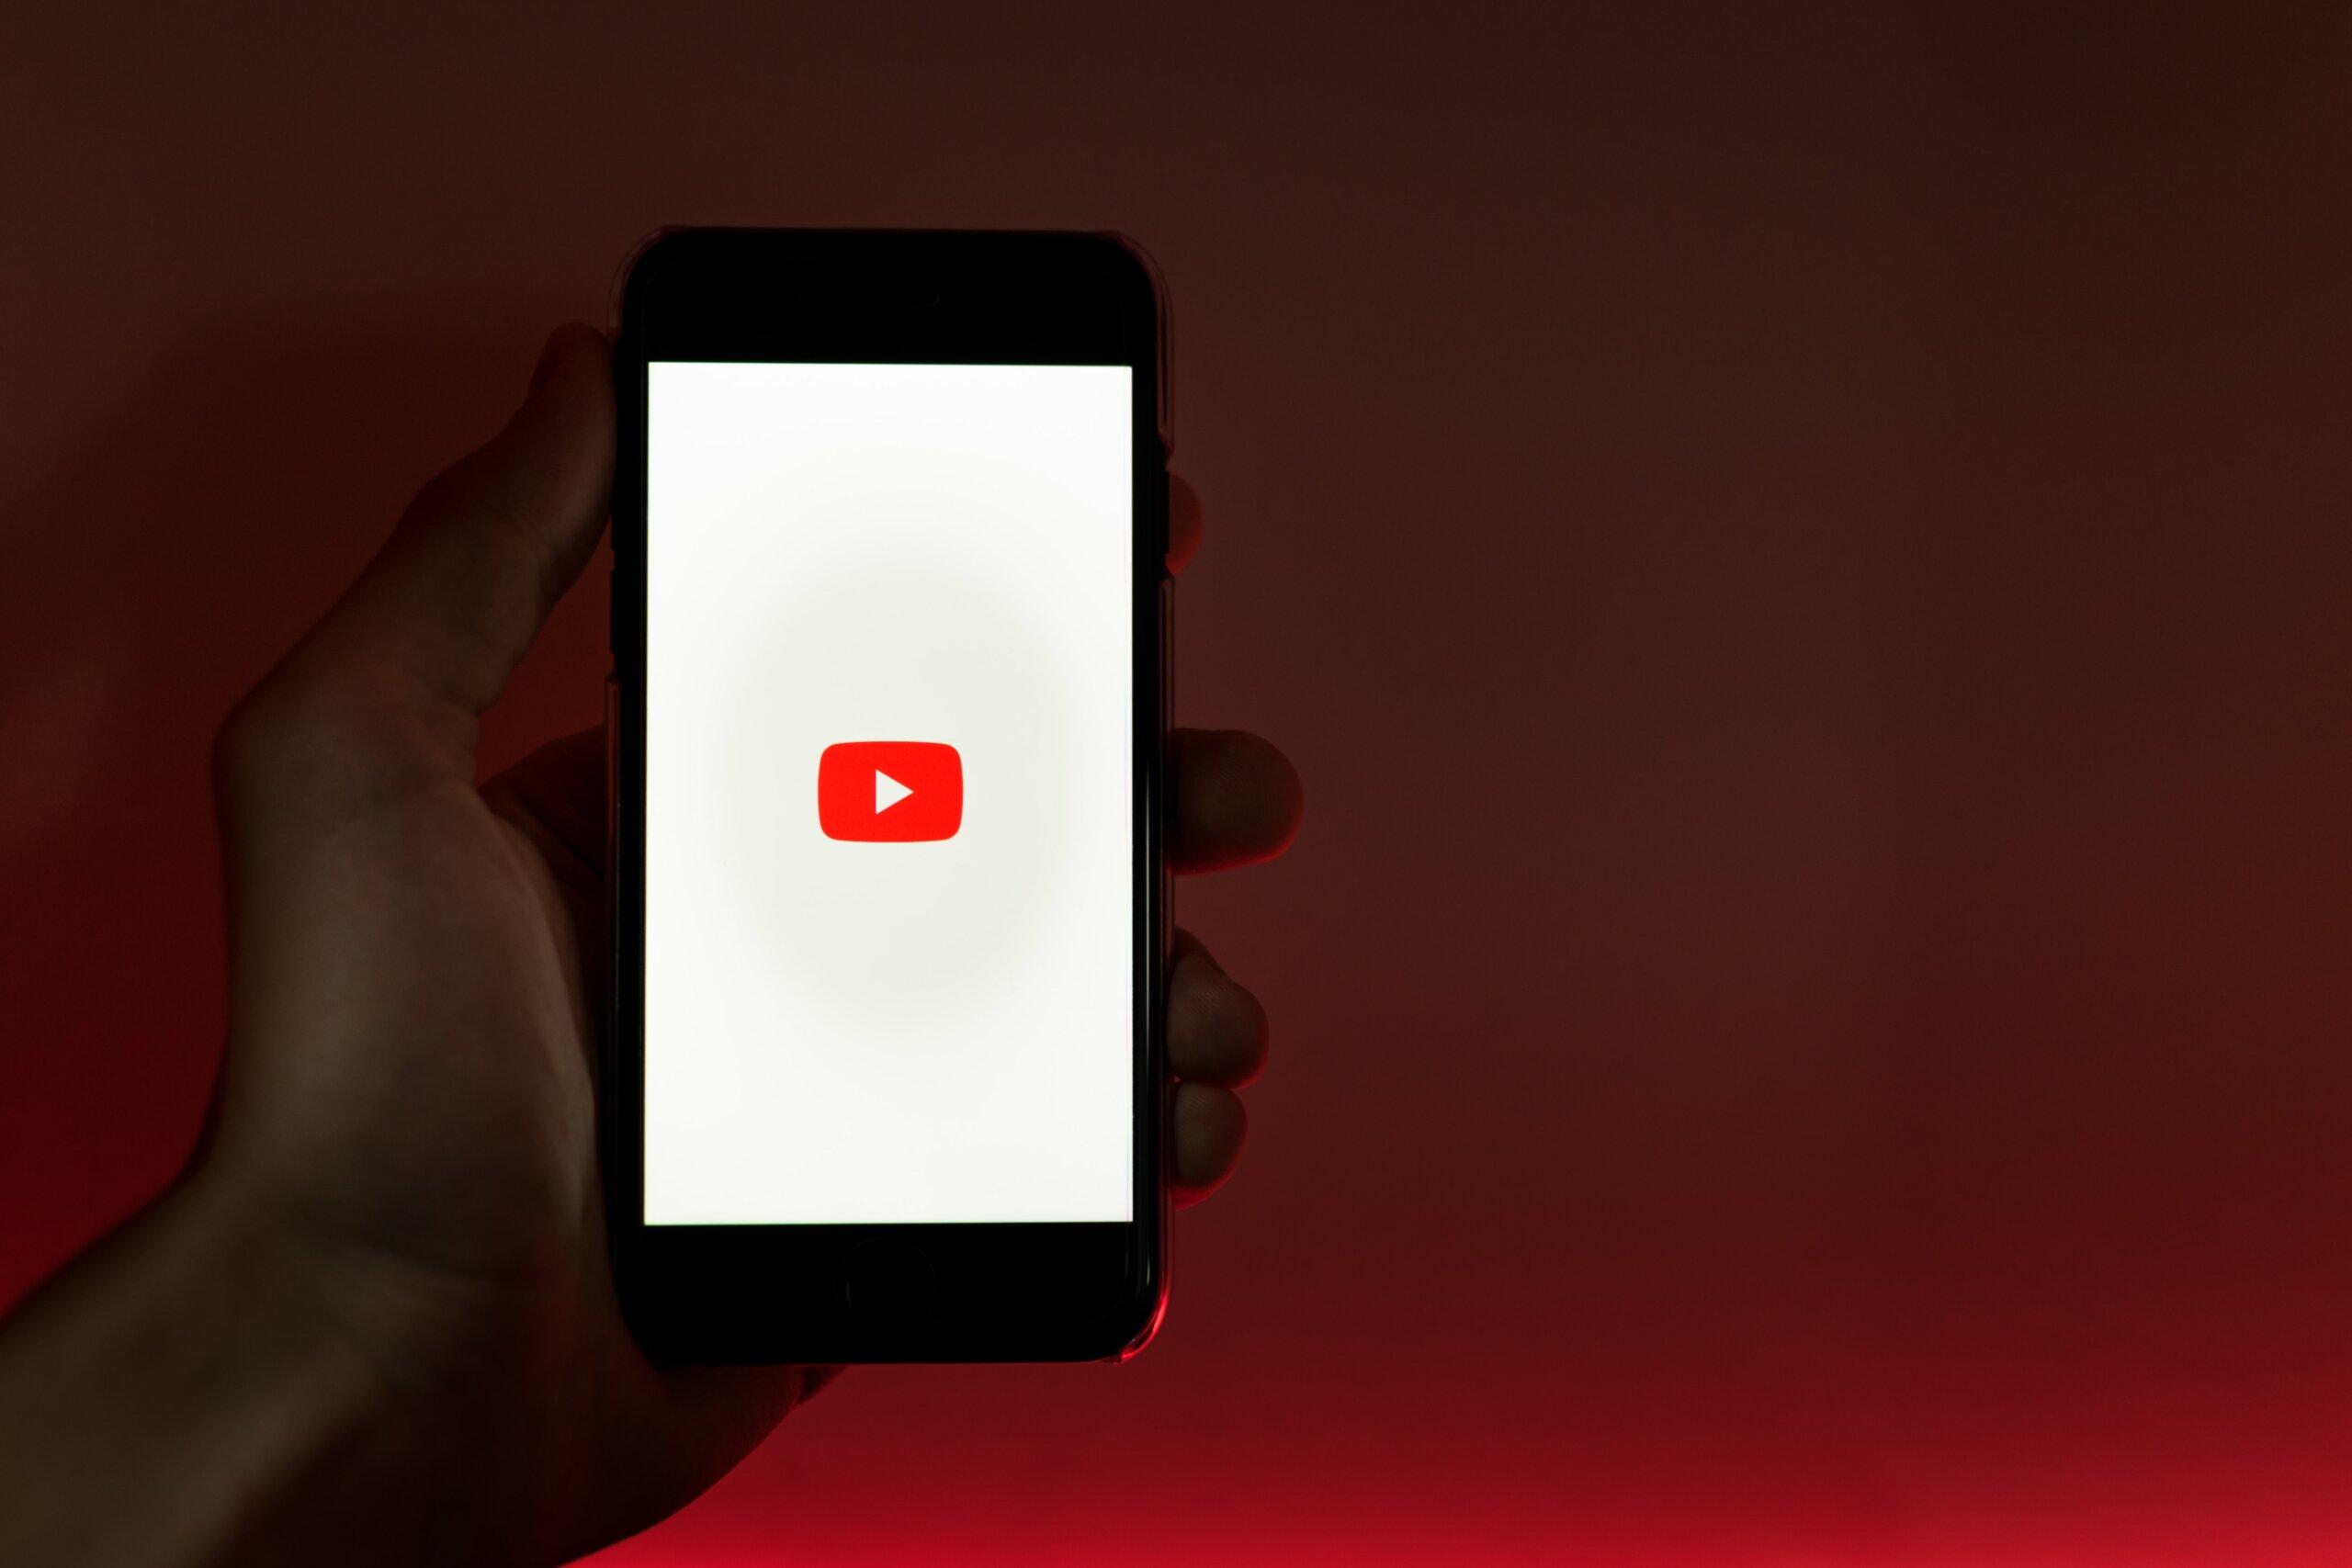 Cách đăng nhập YouTube trên điện thoại ai làm cũng được